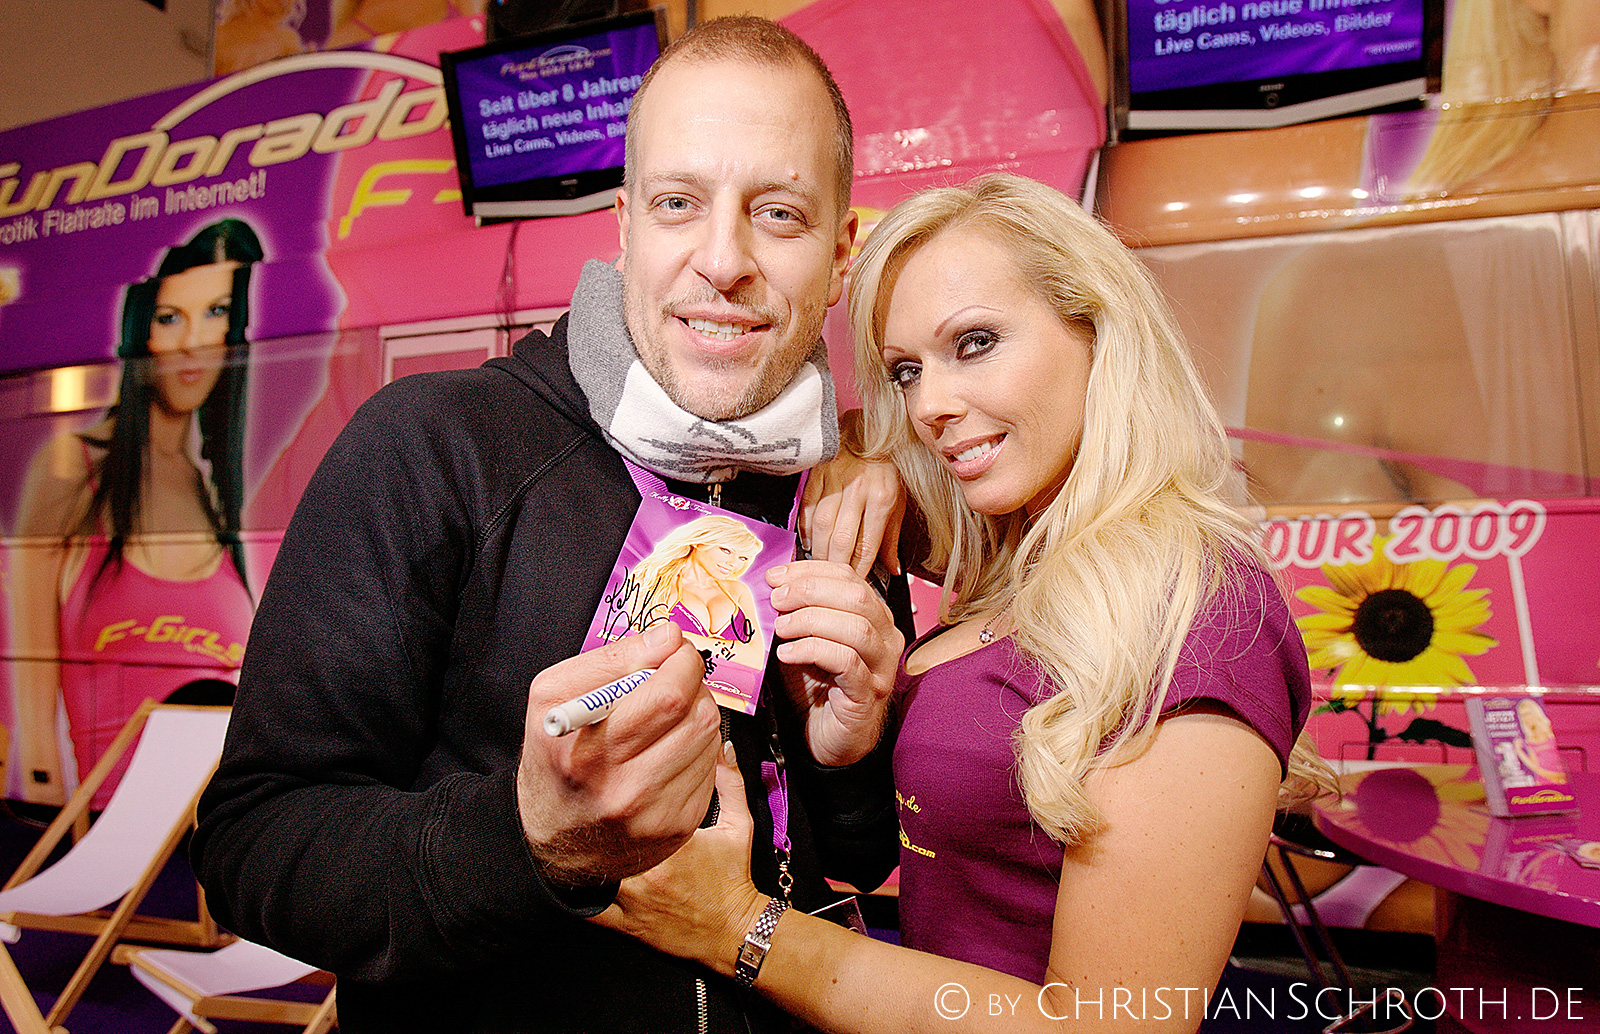 Lotto King Karl mit Porno-Star Kelly Trump auf der Venus